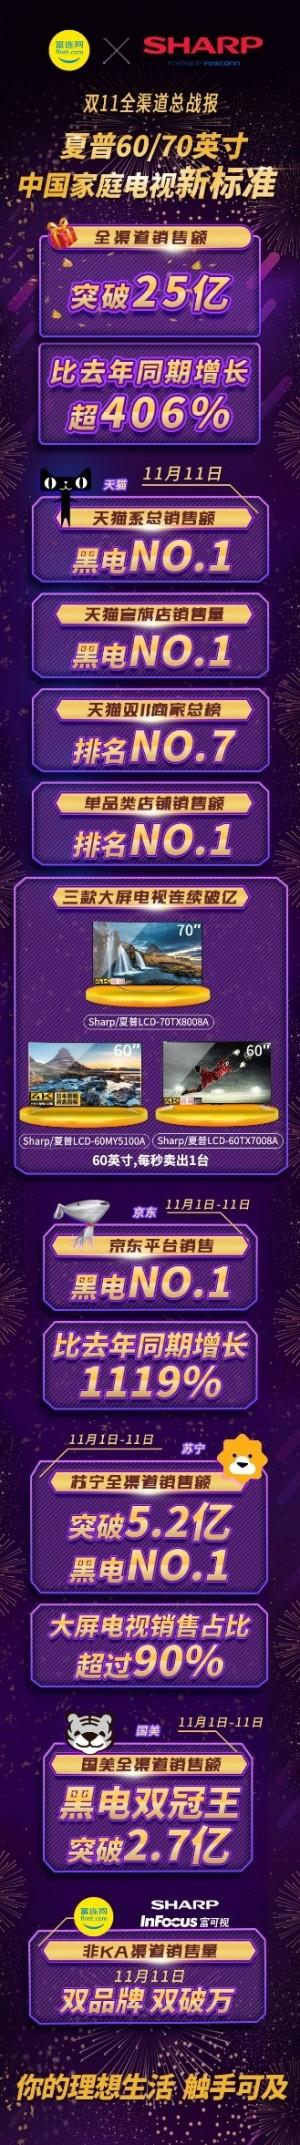 夏普双11销售额破25亿 鏖战24小时揽多平台NO.1